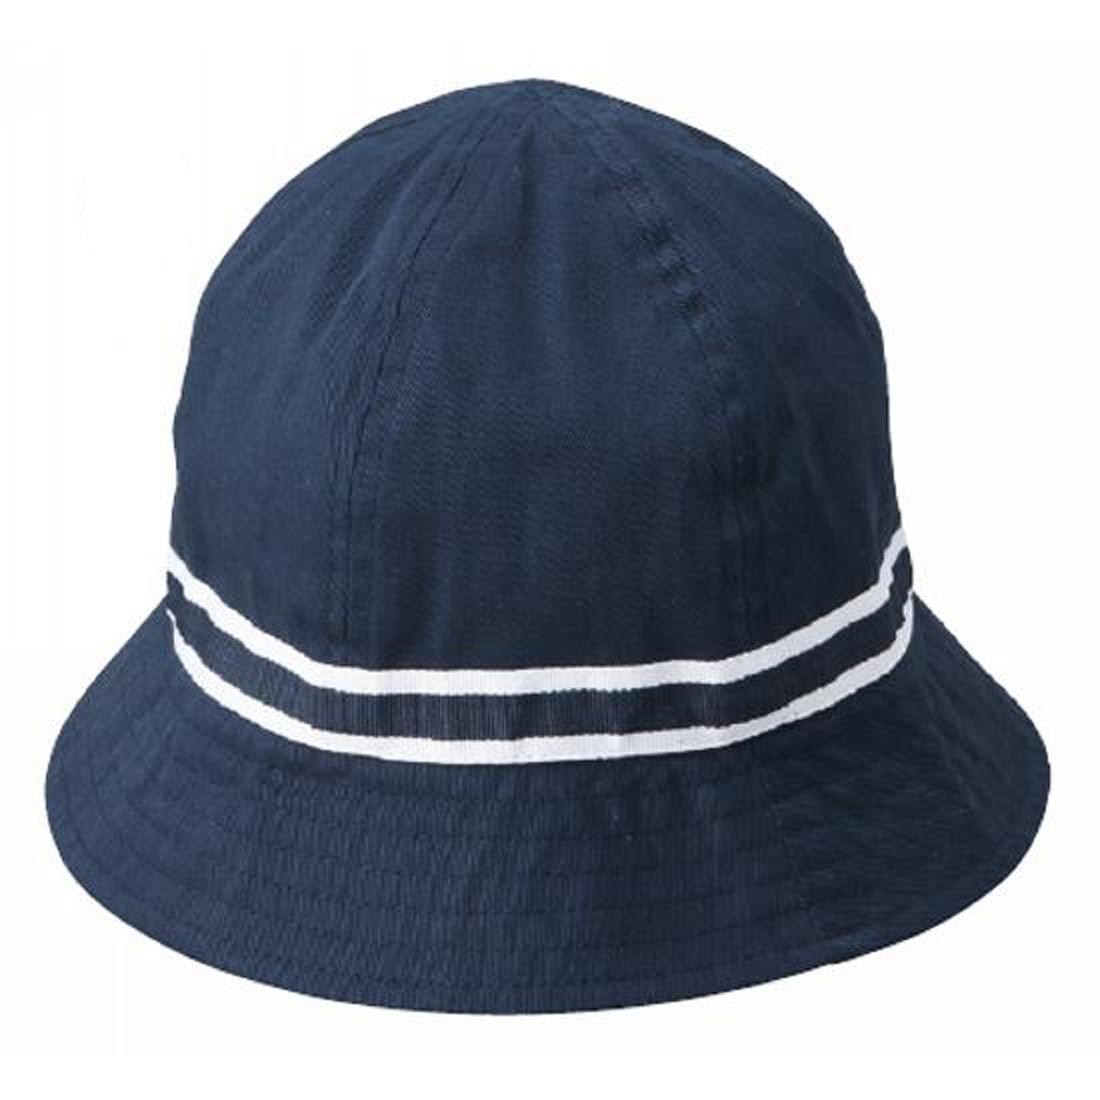 リバーシブル帽子 ネイビー46cm